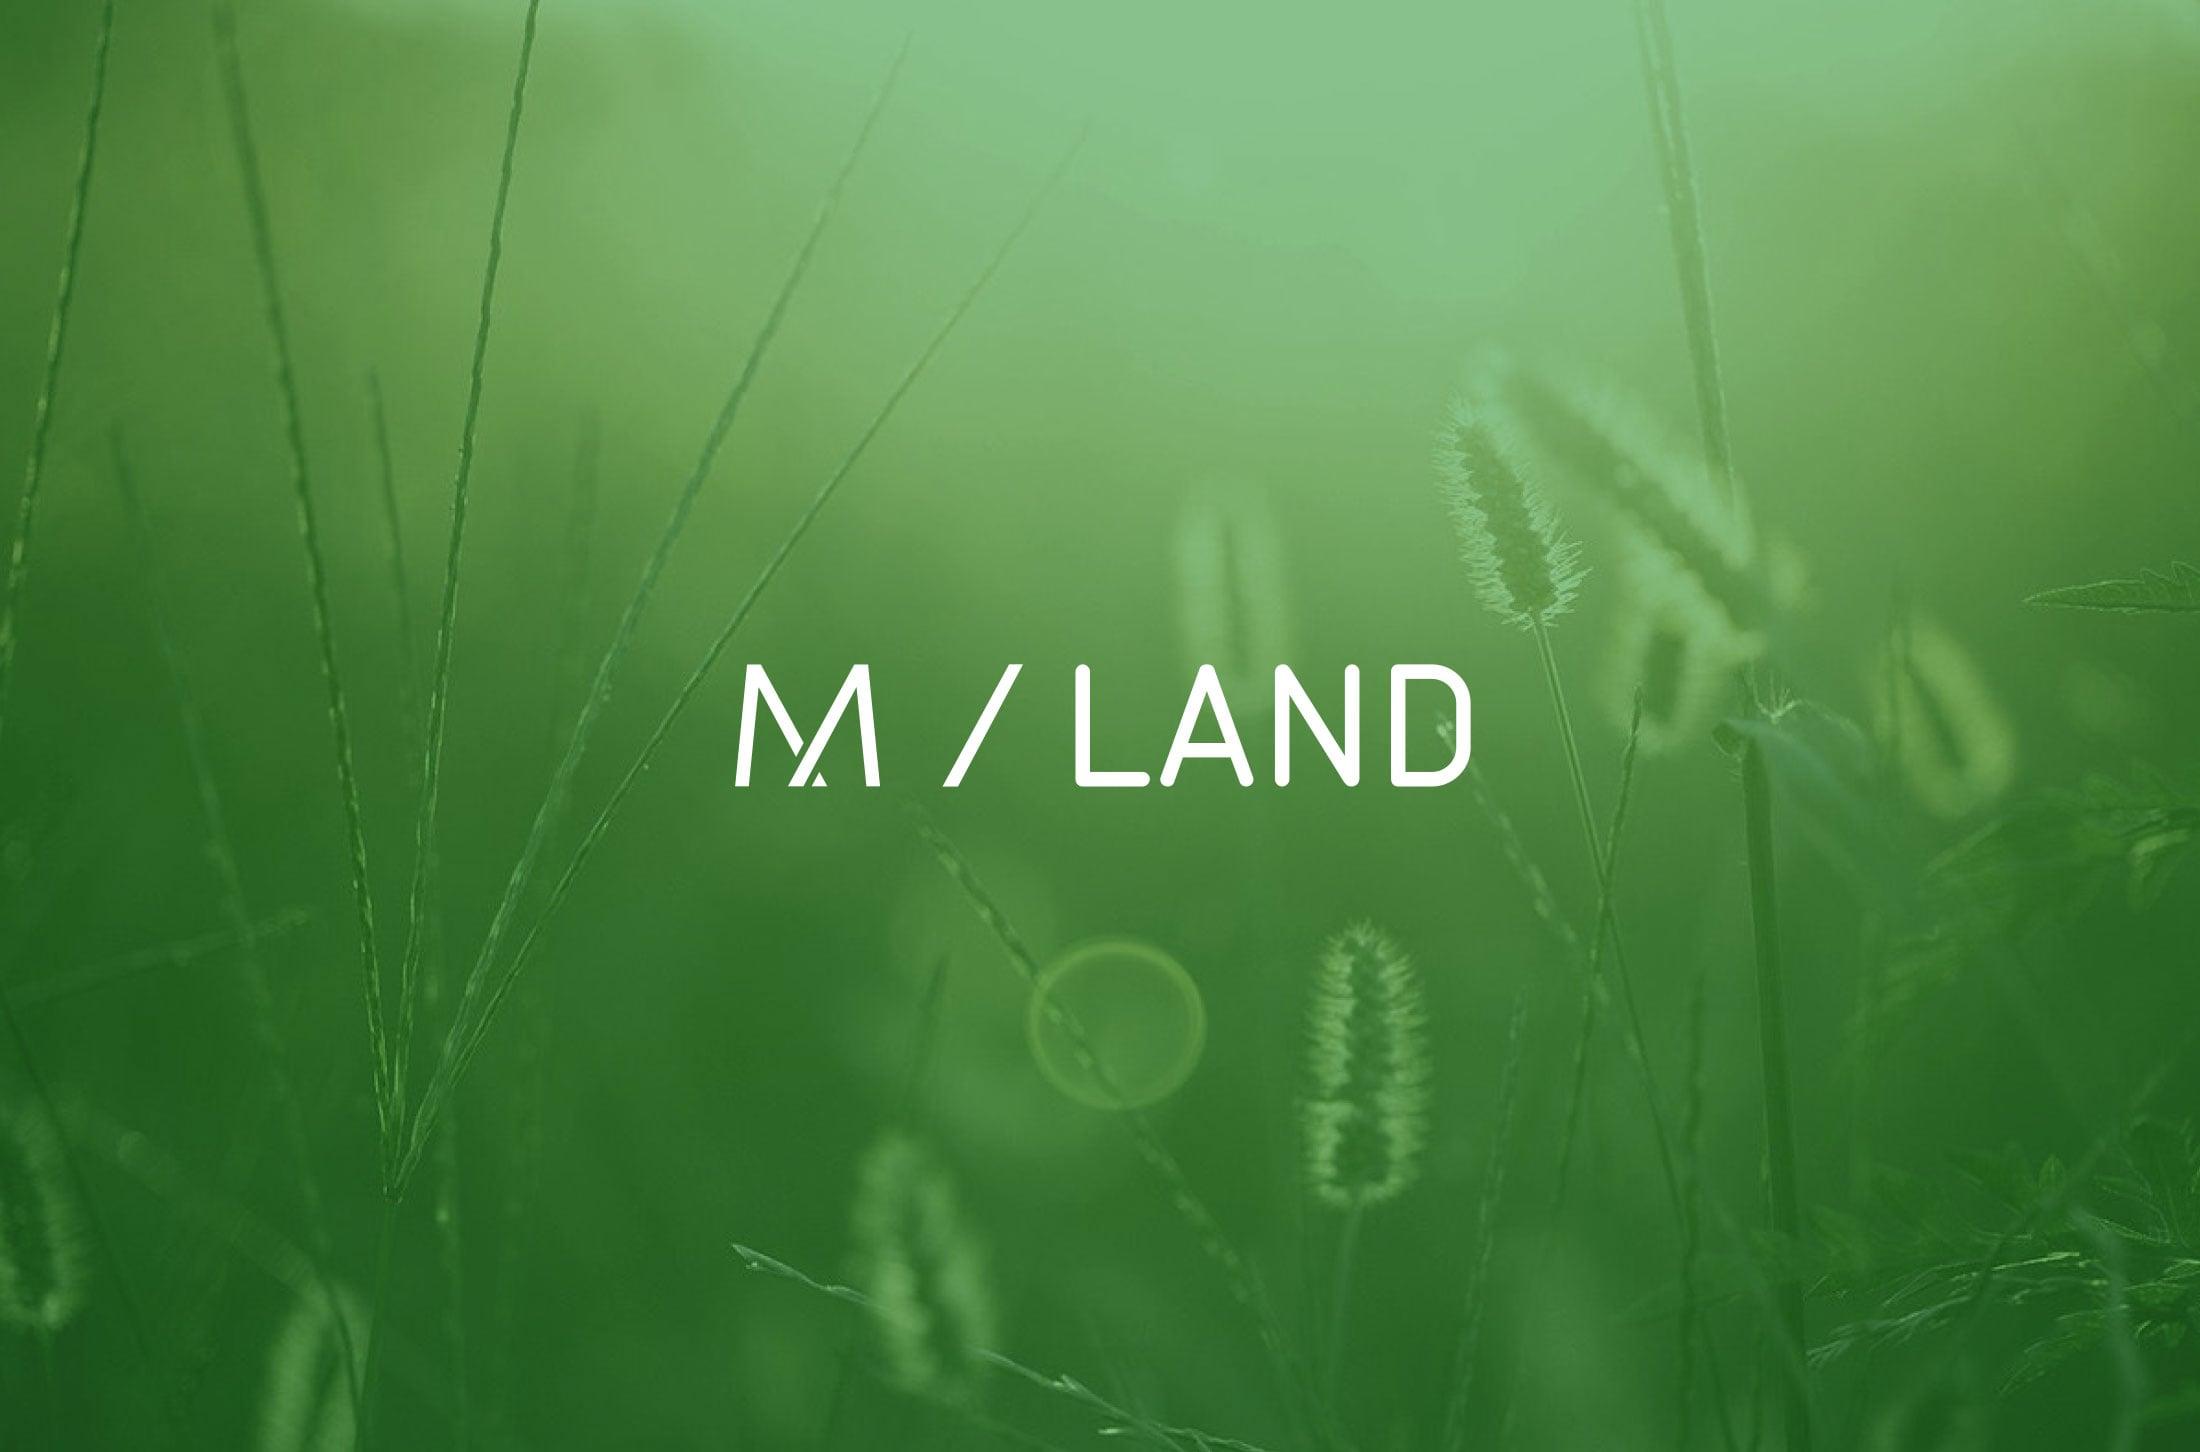 MLAND.jpg